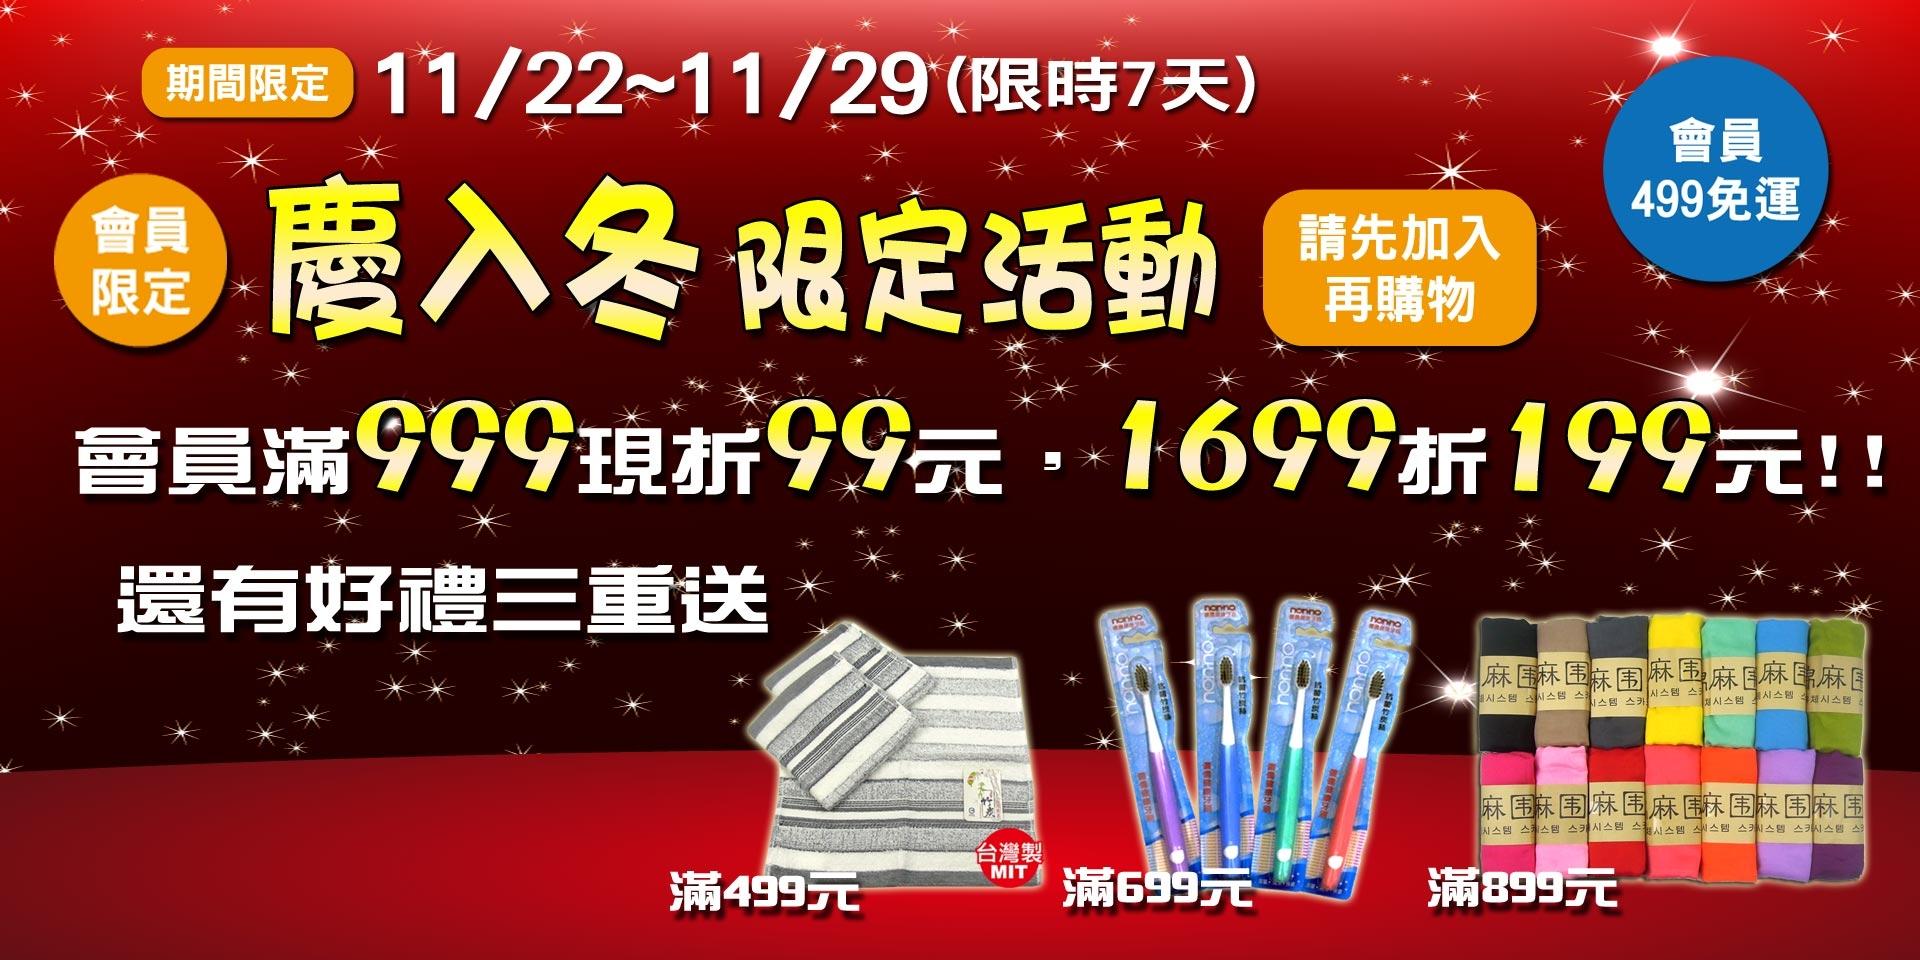 慶入冬~會員滿499免運、滿999現折99、滿1699現折199元,還有好禮三重送